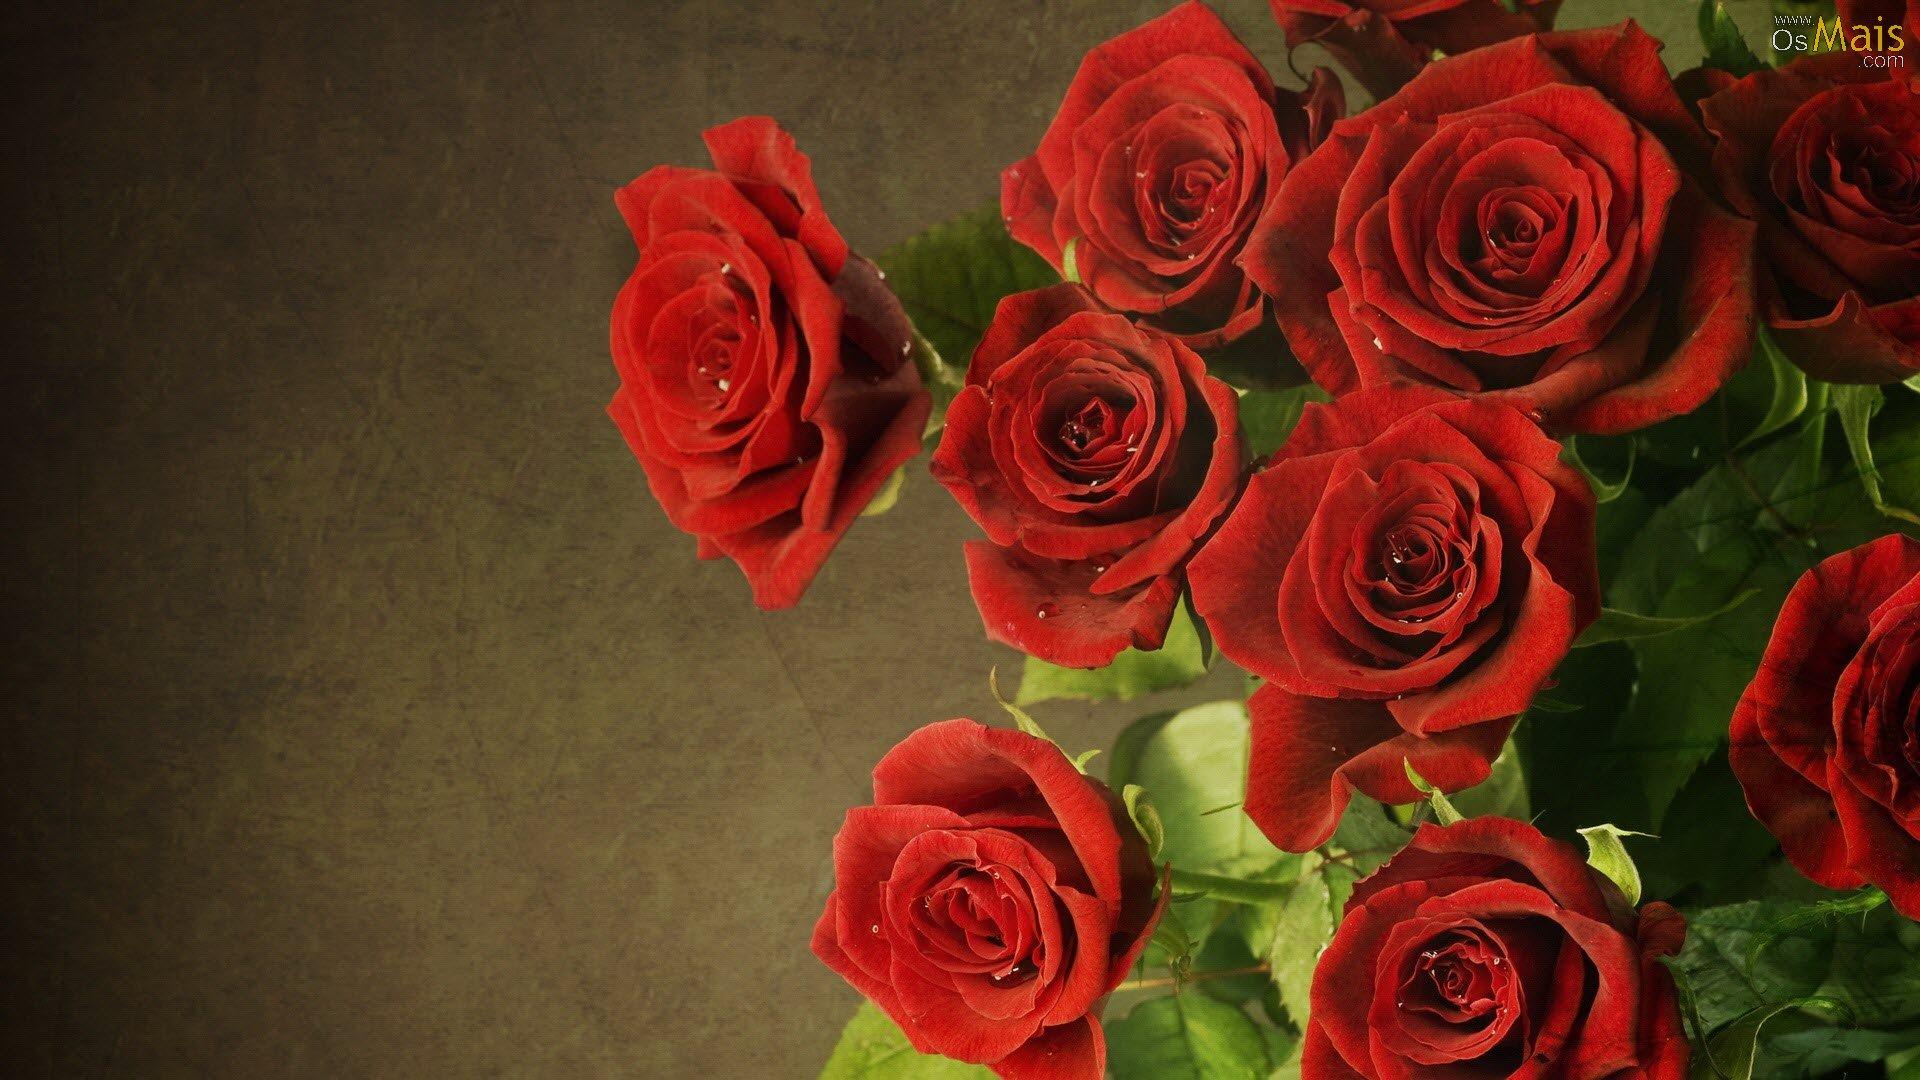 Não podemos esquecer das rosas vermelhas, item mais vendido em todo o pais no dia dos namorados. Quem não ama?